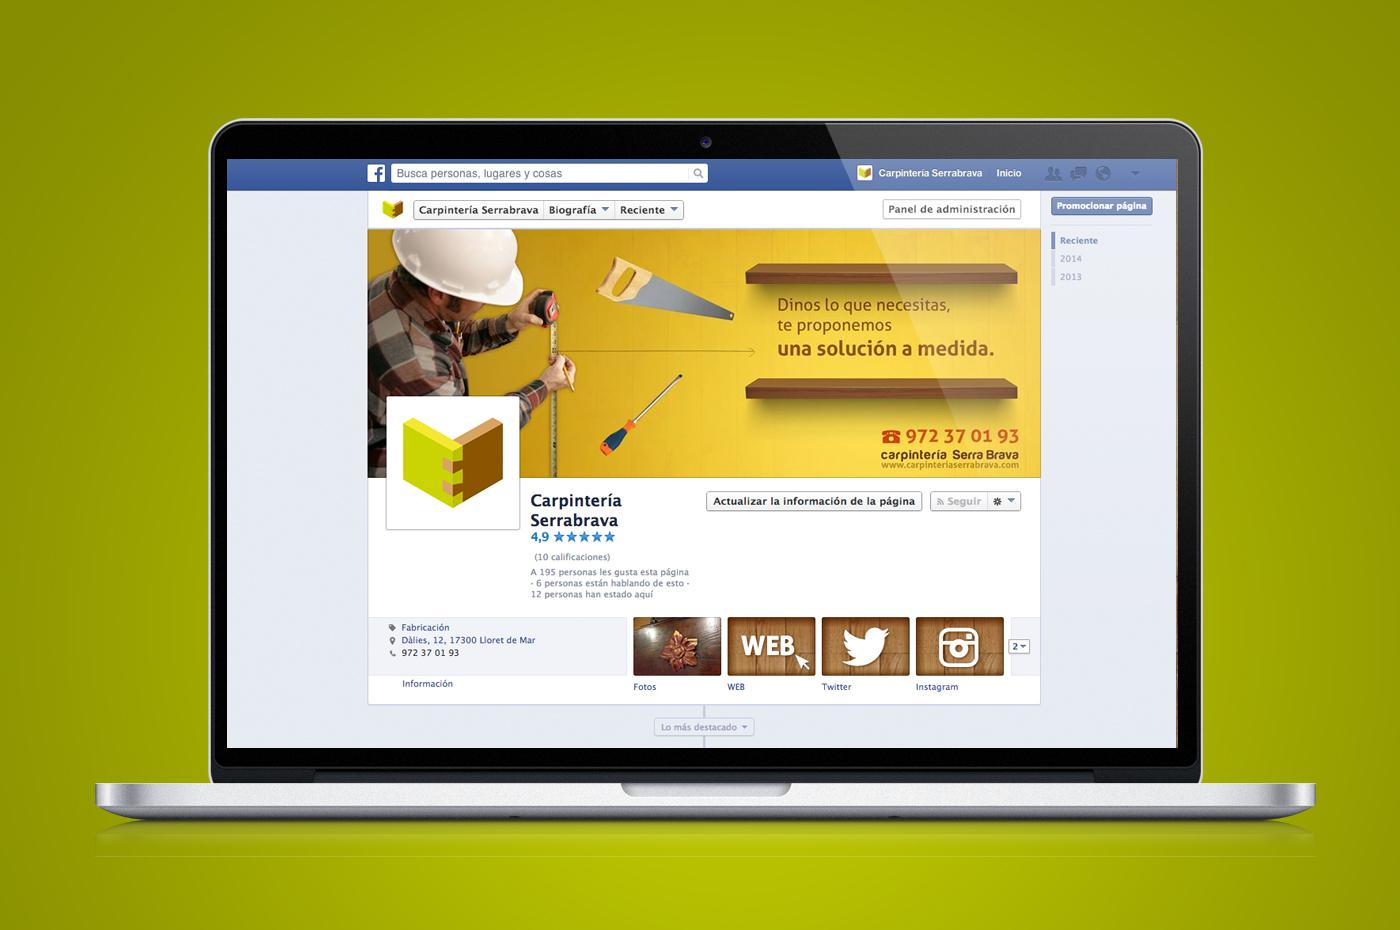 Carpintería-serra-brava-facebook